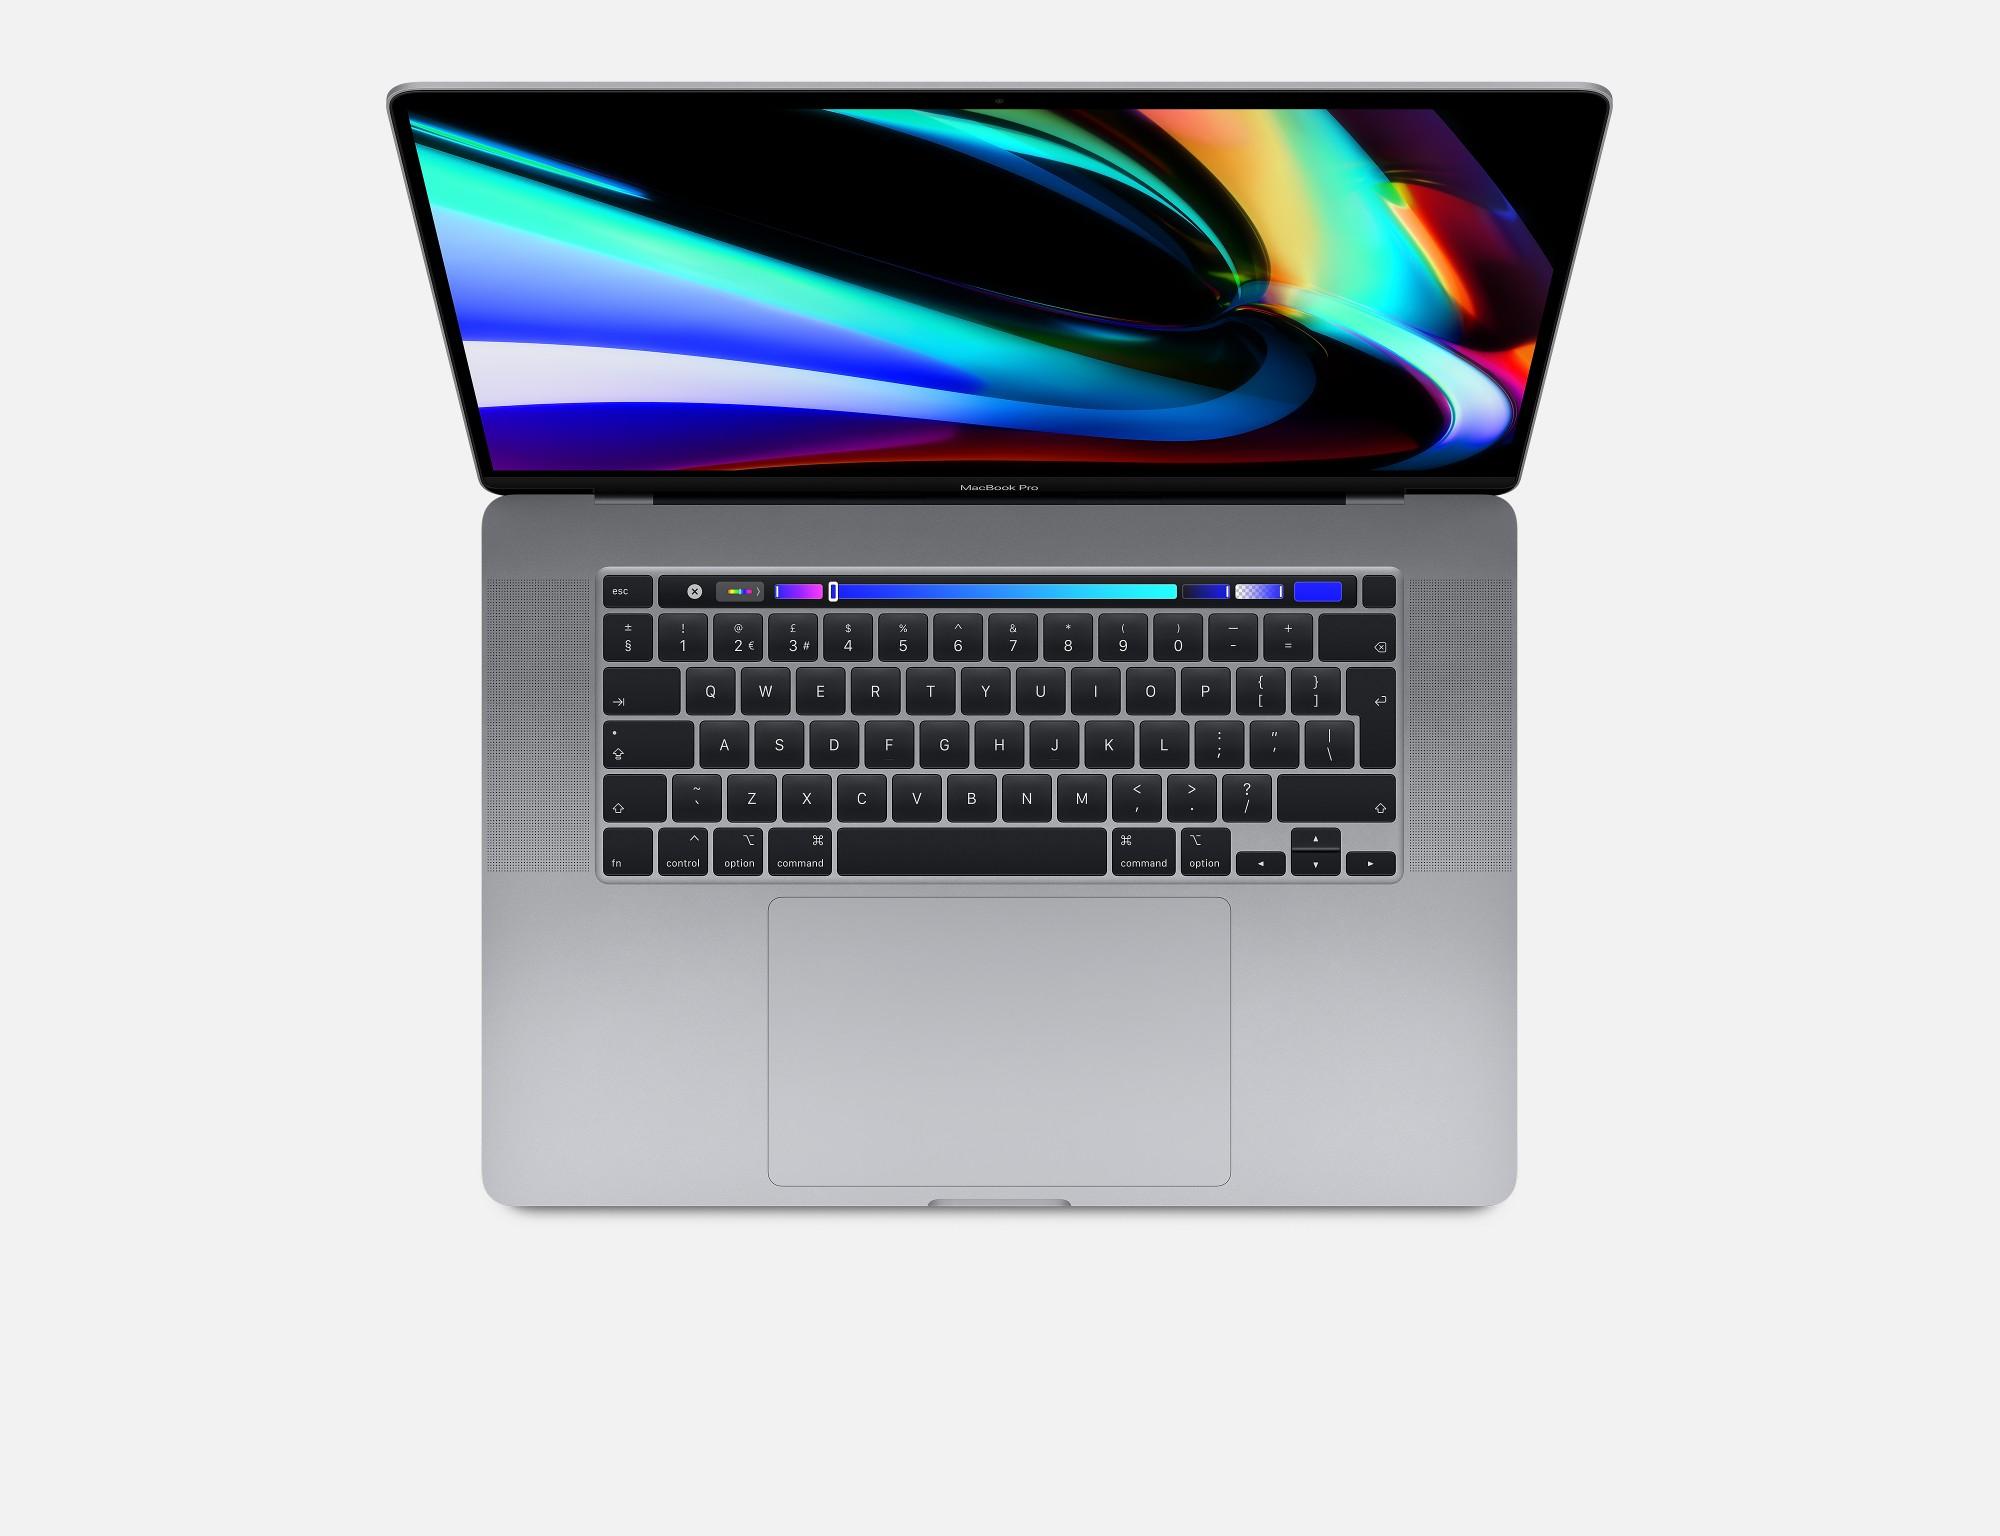 """Apple MacBook Pro Notebook Grey 40.6 cm (16"""") 3072 x 1920 pixels 9th gen Intel® Core™ i9 16 GB DDR4-SDRAM 1024 GB SSD AMD Radeon Pro 5500M Wi-Fi 5 (802.11ac) macOS Catalina"""